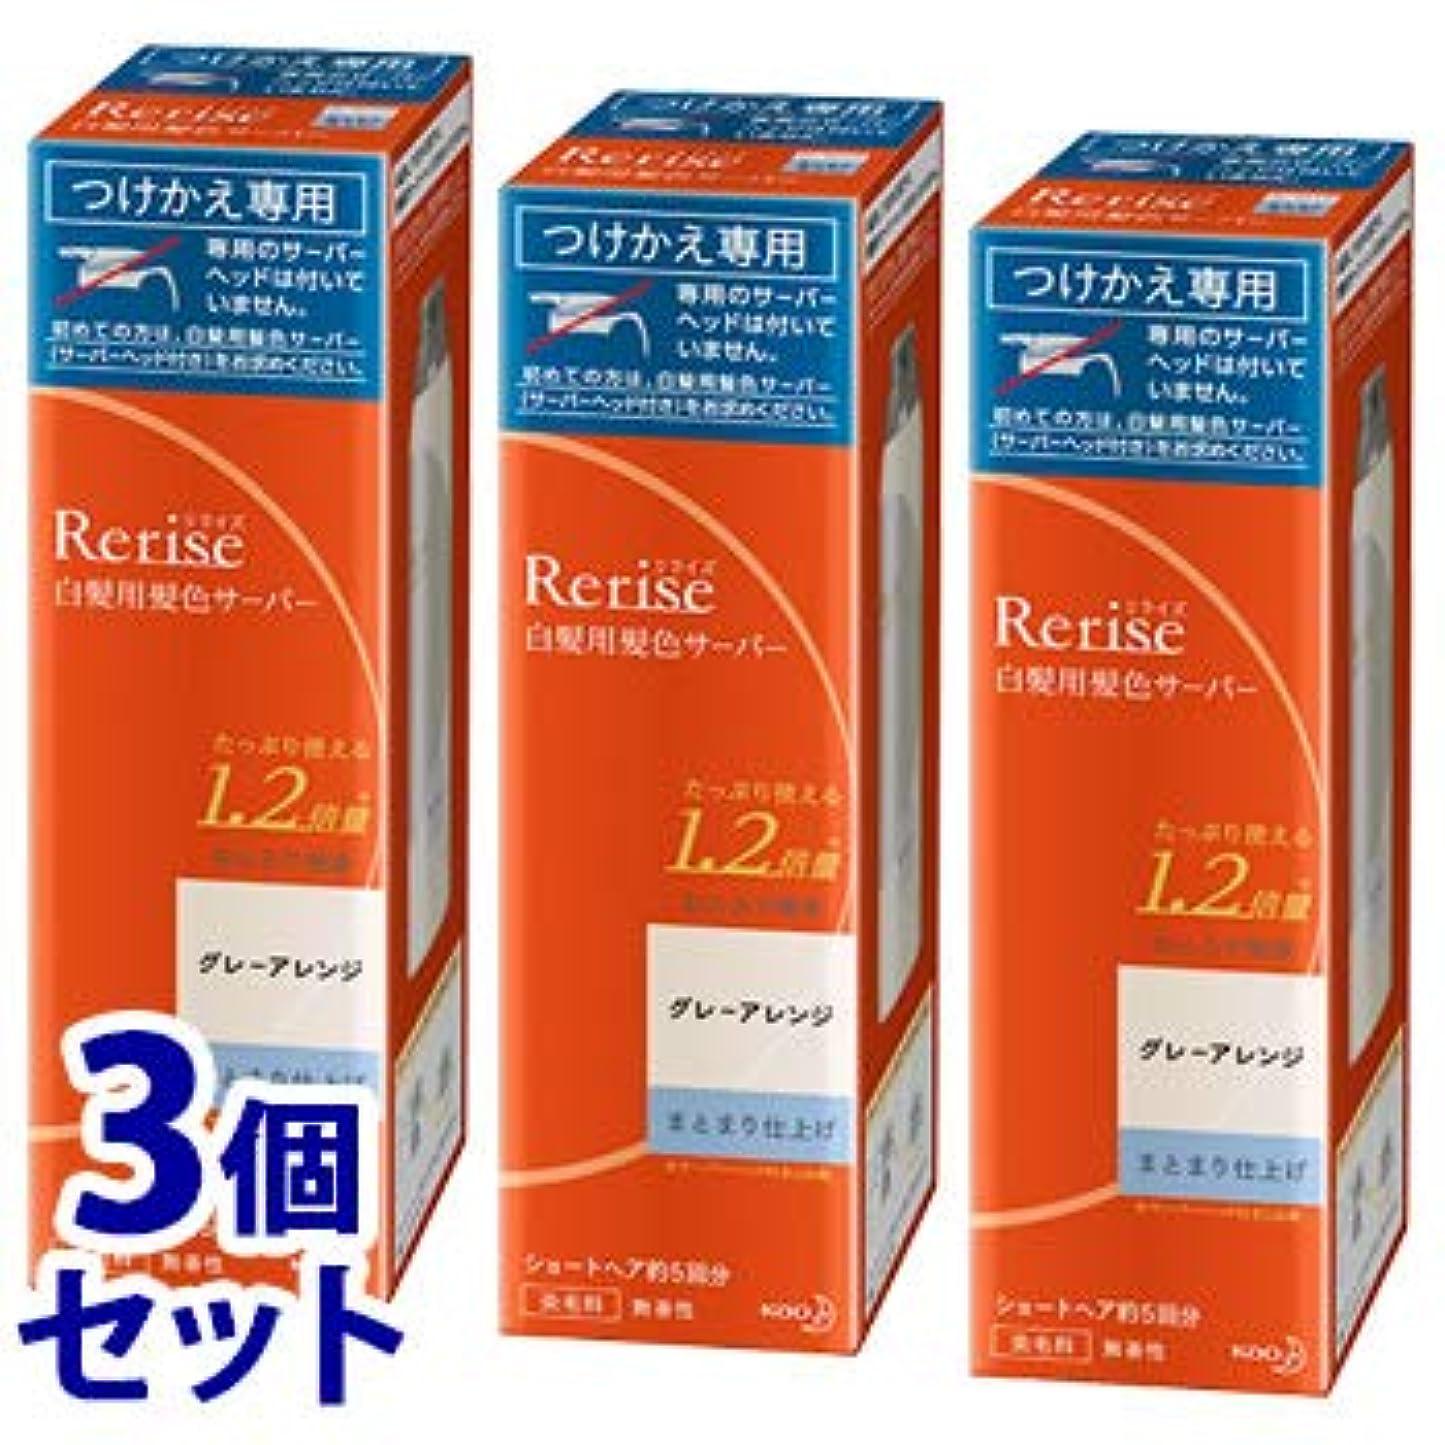 敷居評価する粘り強い《セット販売》 花王 リライズ 白髪用髪色サーバー グレーアレンジ まとまり仕上げ つけかえ用 (190g)×3個セット 付け替え用 染毛料